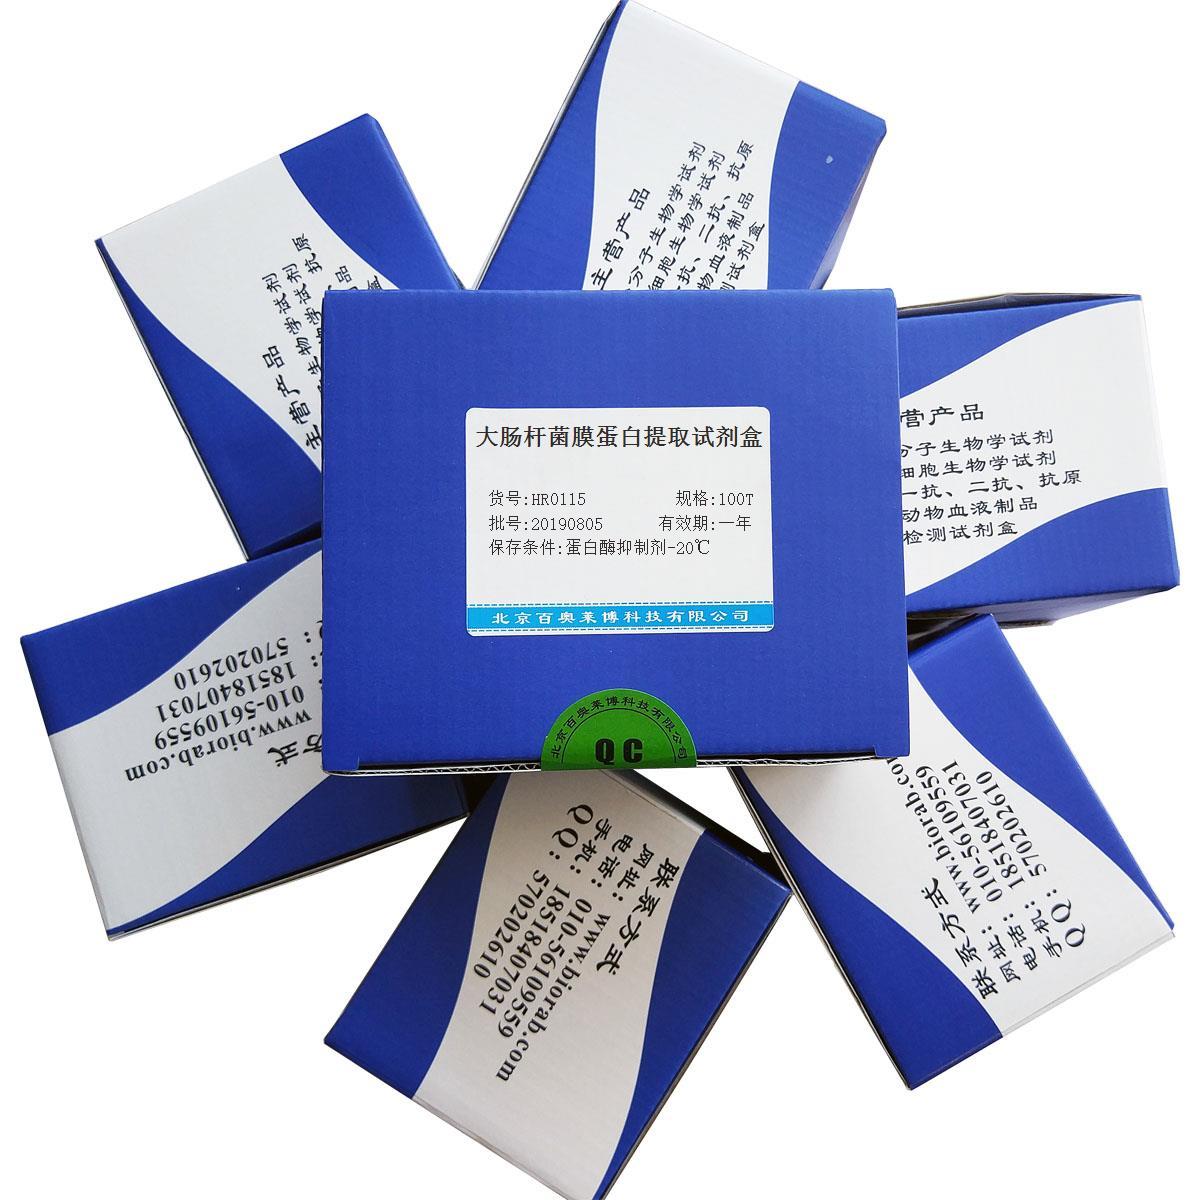 大肠杆菌膜蛋白提取试剂盒北京供应商